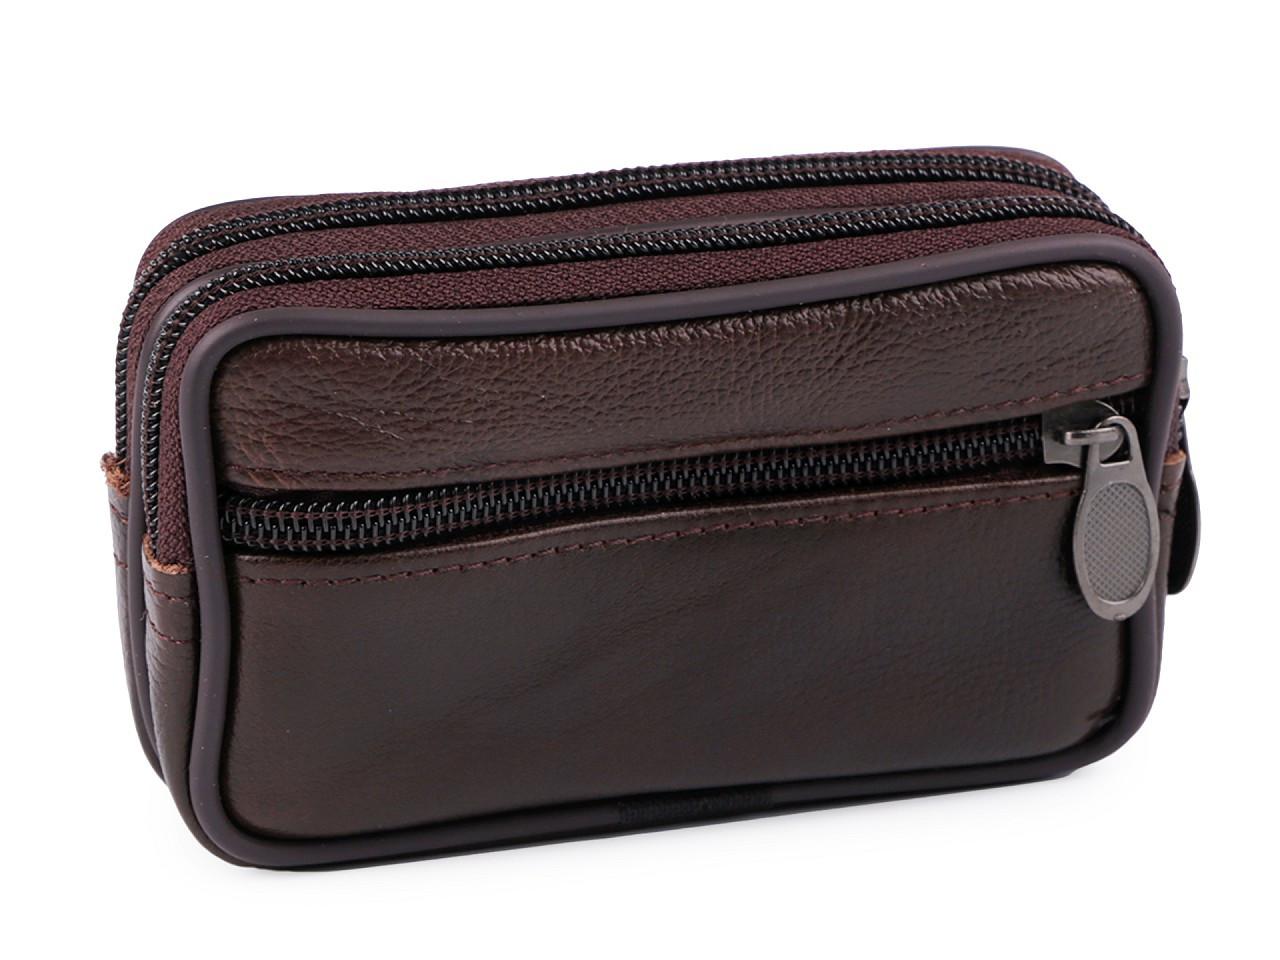 Pánské pouzdro / peněženka na opasek na mobil / doklady, kožené 10x17 cm, barva 4 (9x14 cm) hnědá